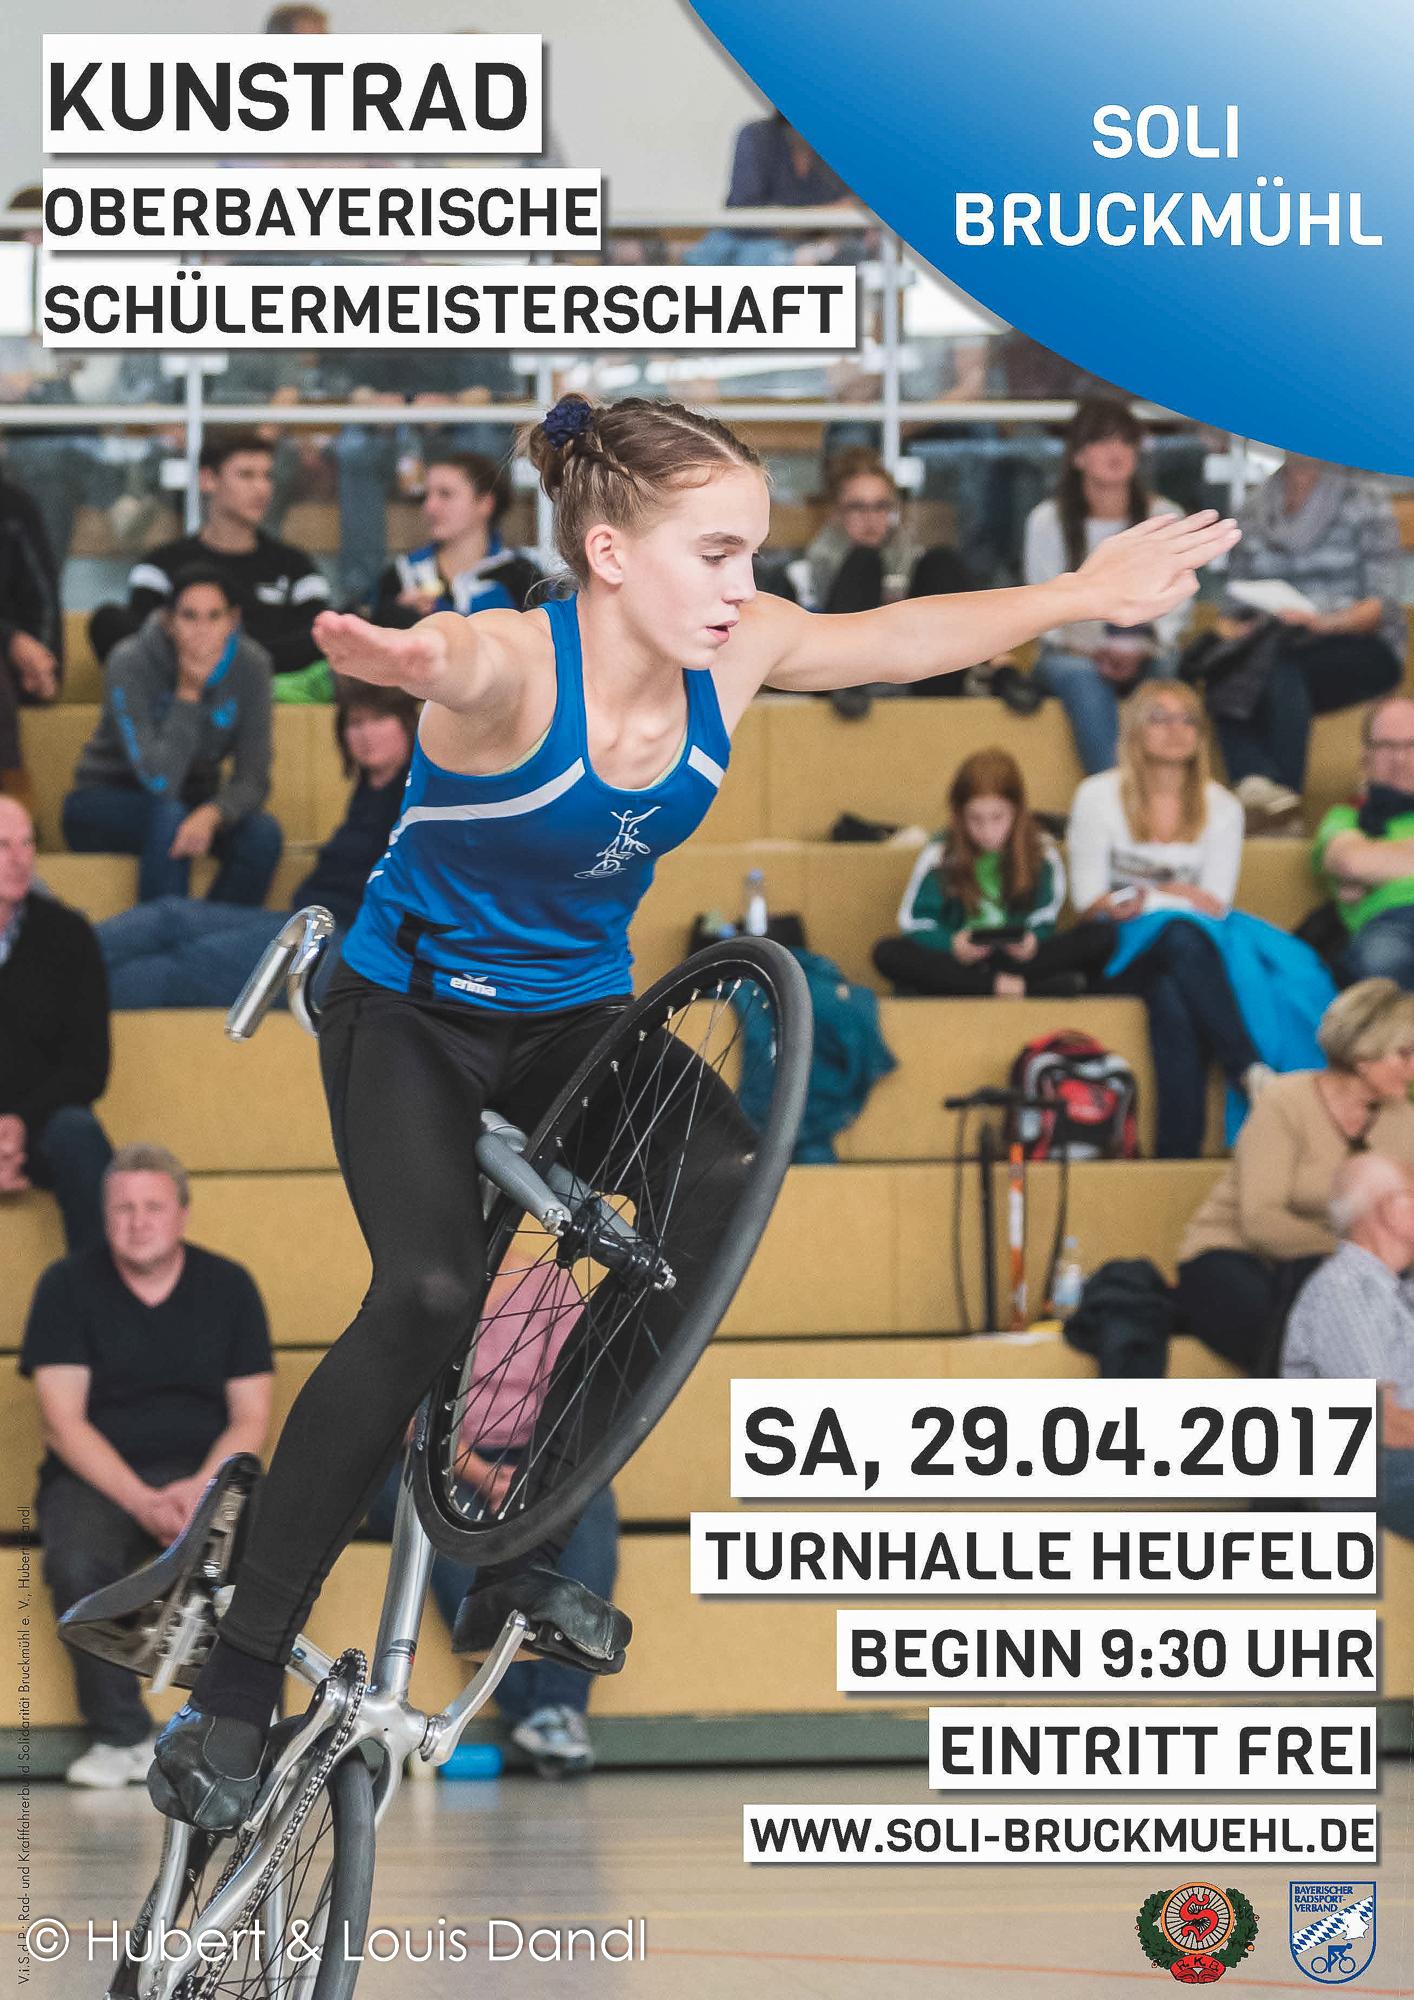 Oberbayerische Schülermeisterschaft 2017 in Bruckmühl